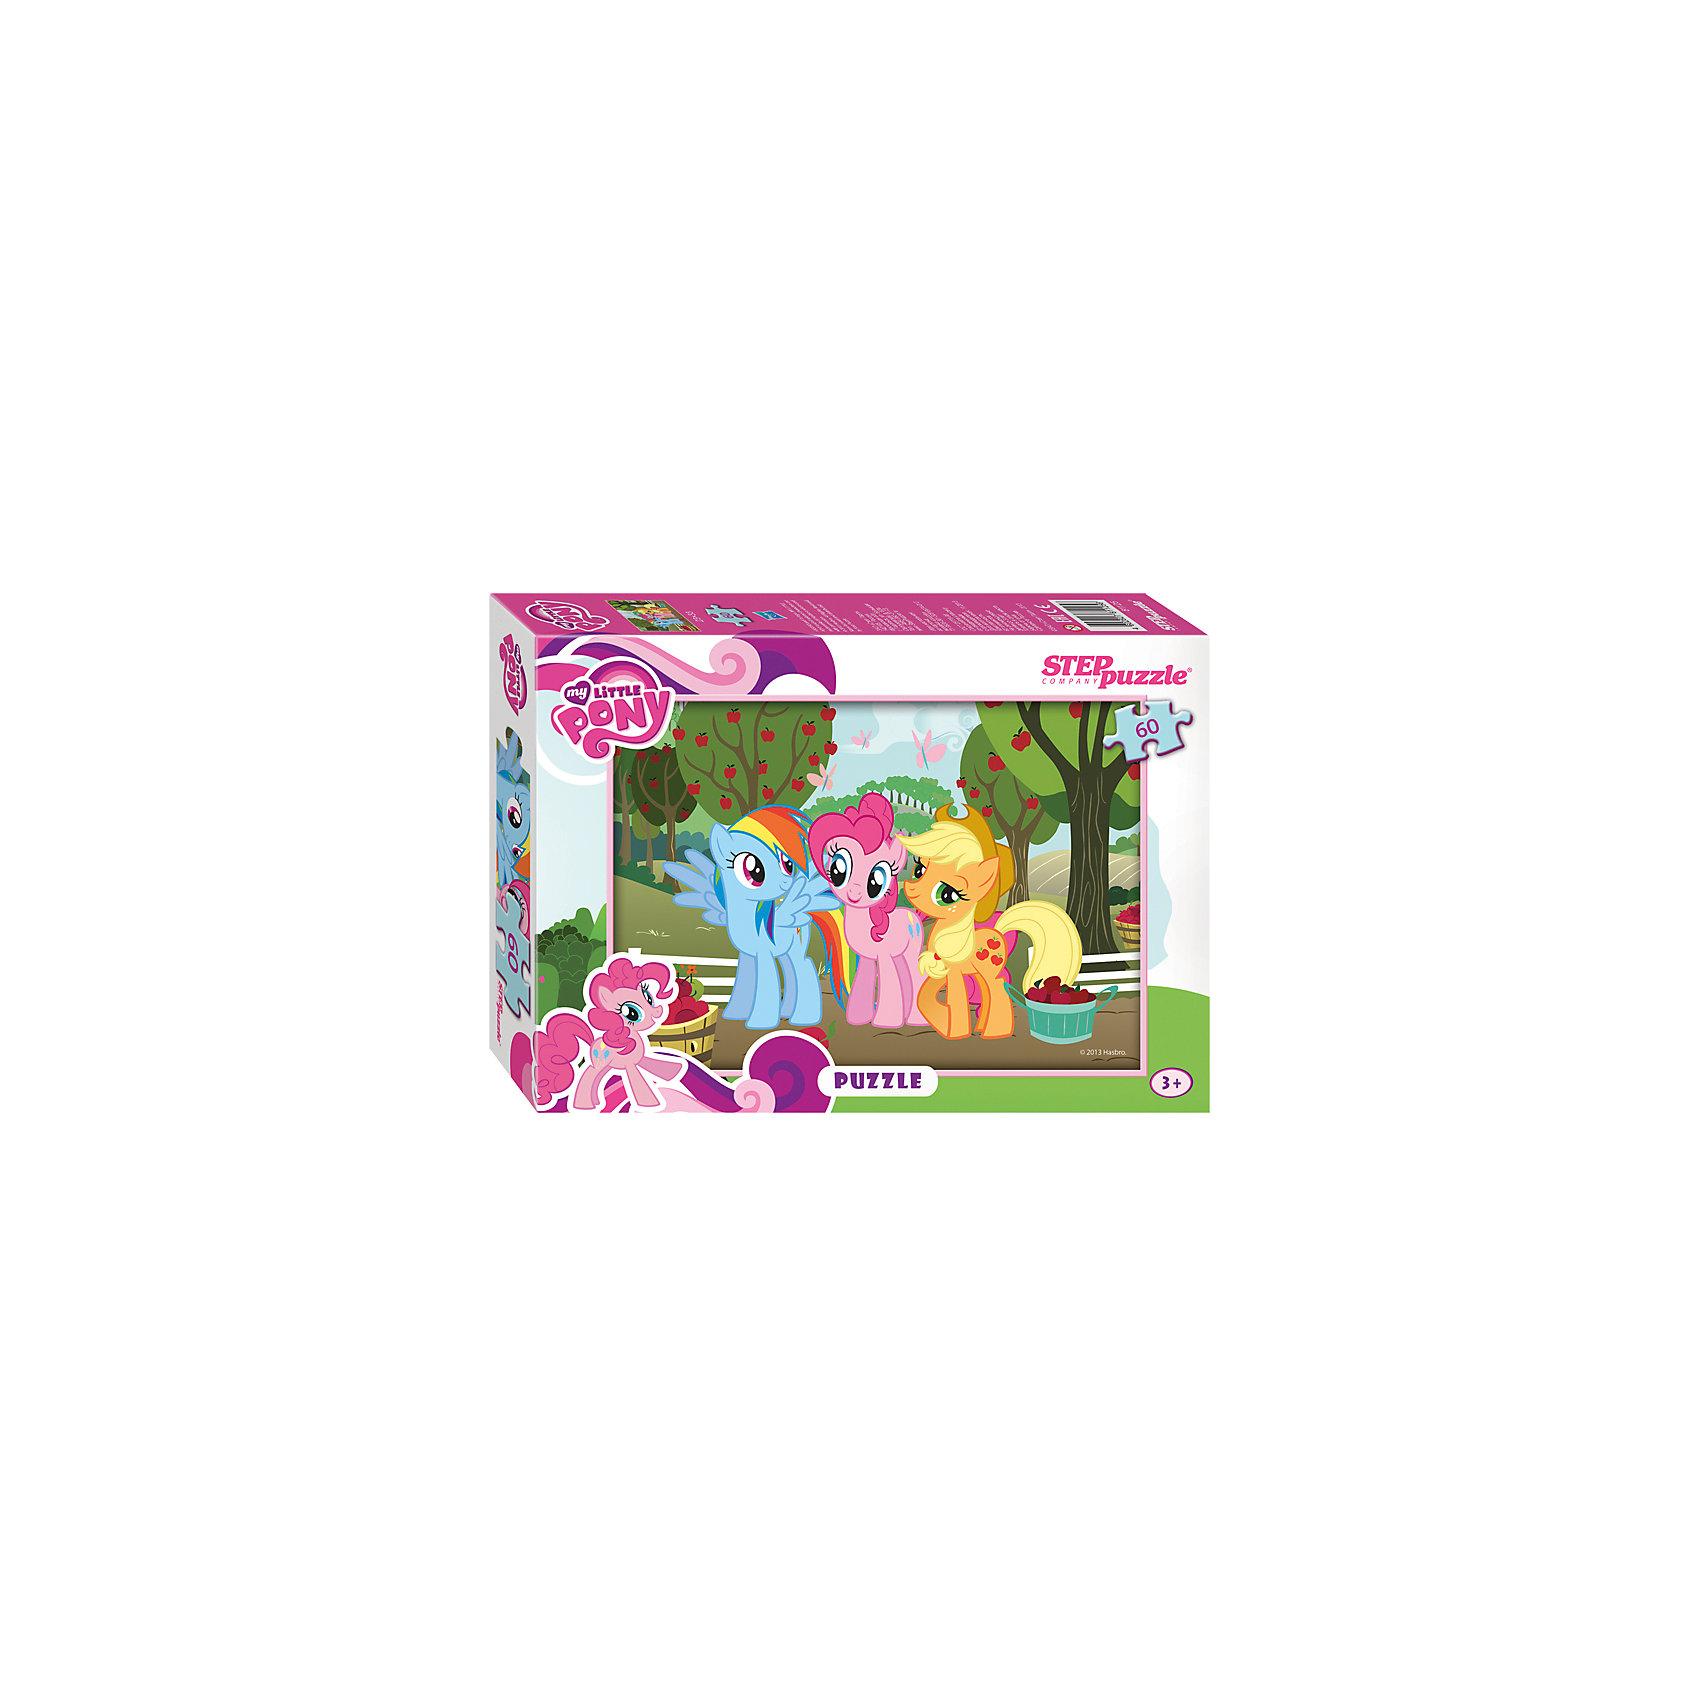 Пазл My little Pony, 60 деталей, Step PuzzleПазл My little Pony, 60 деталей, Step Puzzle (Степ Пазл) – это замечательный красочный пазл с изображением любимых героев.<br>Знаменитые маленькие пони приглашают в свой волшебный мир. Подарите ребенку чудесный пазл My little Pony, и он будет увлеченно подбирать детали, пока не составит яркую и интересную картинку, на которой героини мультфильма Пинки Пай и Рэйнбоу Дэш пришли в гости на яблочную ферму, где их встретила хозяйка фермы Эплджек. Сборка пазла My little Pony от Step Puzzle (Степ Пазл) подарит Вашему ребенку не только множество увлекательных вечеров, но и принесет пользу для развития. Координация, моторика, внимательность легко тренируются, пока ребенок увлеченно подбирает детали. Качественные фрагменты пазла отлично проклеены и идеально подходят один к другому, поэтому сборка пазла обеспечит малышу только положительные эмоции. Вы будете использовать этот пазл не один год, ведь благодаря качественной нарезке детали не расслаиваются даже после многократного использования.<br><br>Дополнительная информация:<br><br>- Количество деталей: 60<br>- Материал: картон<br>- Размер собранной картинки: 33х23 см.<br>- Отличная проклейка<br>- Долгий срок службы<br>- Детали идеально подходят друг другу<br>- Яркий сюжет<br>- Упаковка: картонная коробка<br>- Размер упаковки: 195x35x140 мм.<br>- Вес: 400 гр.<br><br>Пазл My little Pony, 60 деталей, Step Puzzle (Степ Пазл) можно купить в нашем интернет-магазине.<br><br>Ширина мм: 195<br>Глубина мм: 35<br>Высота мм: 140<br>Вес г: 400<br>Возраст от месяцев: 36<br>Возраст до месяцев: 84<br>Пол: Унисекс<br>Возраст: Детский<br>SKU: 4588305